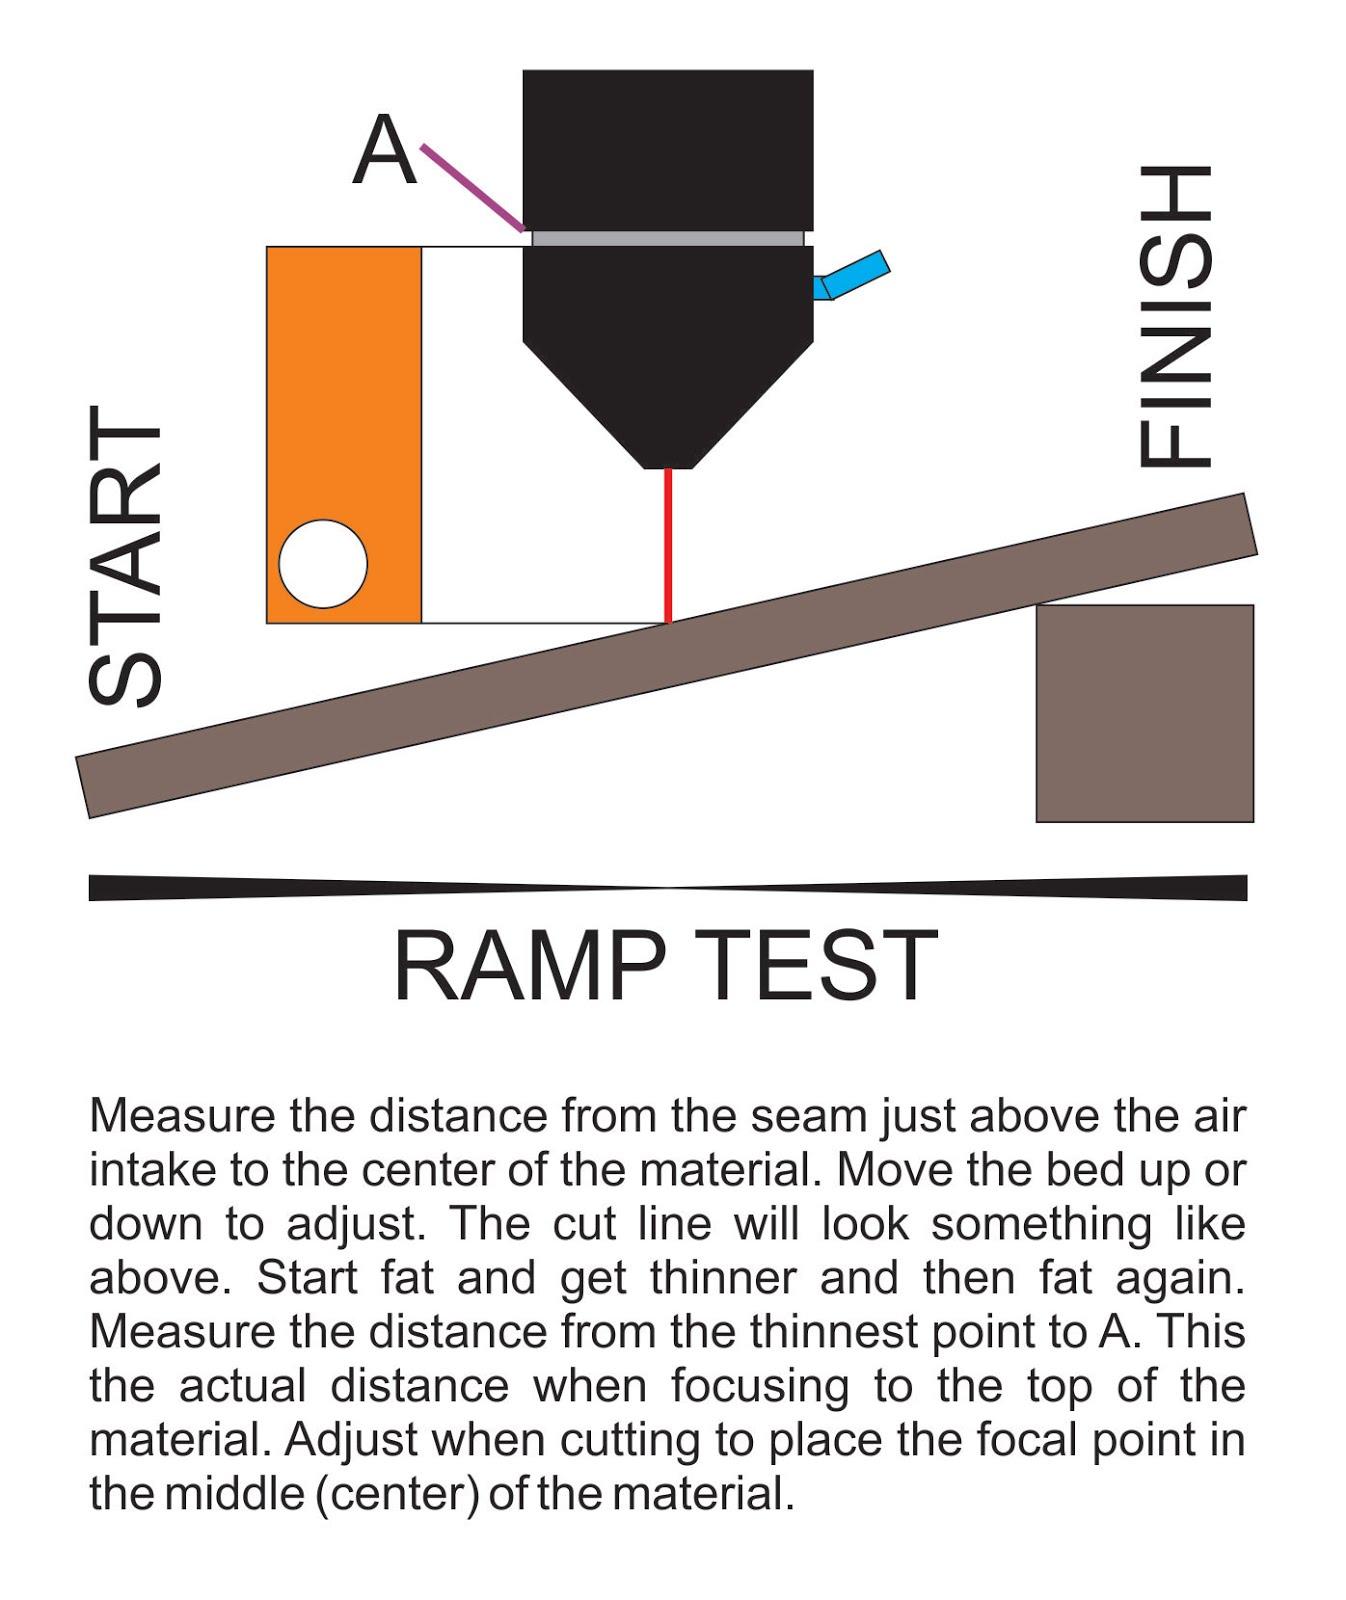 Запустите тест рампы, чтобы найти фокусное пятно вашего лазера